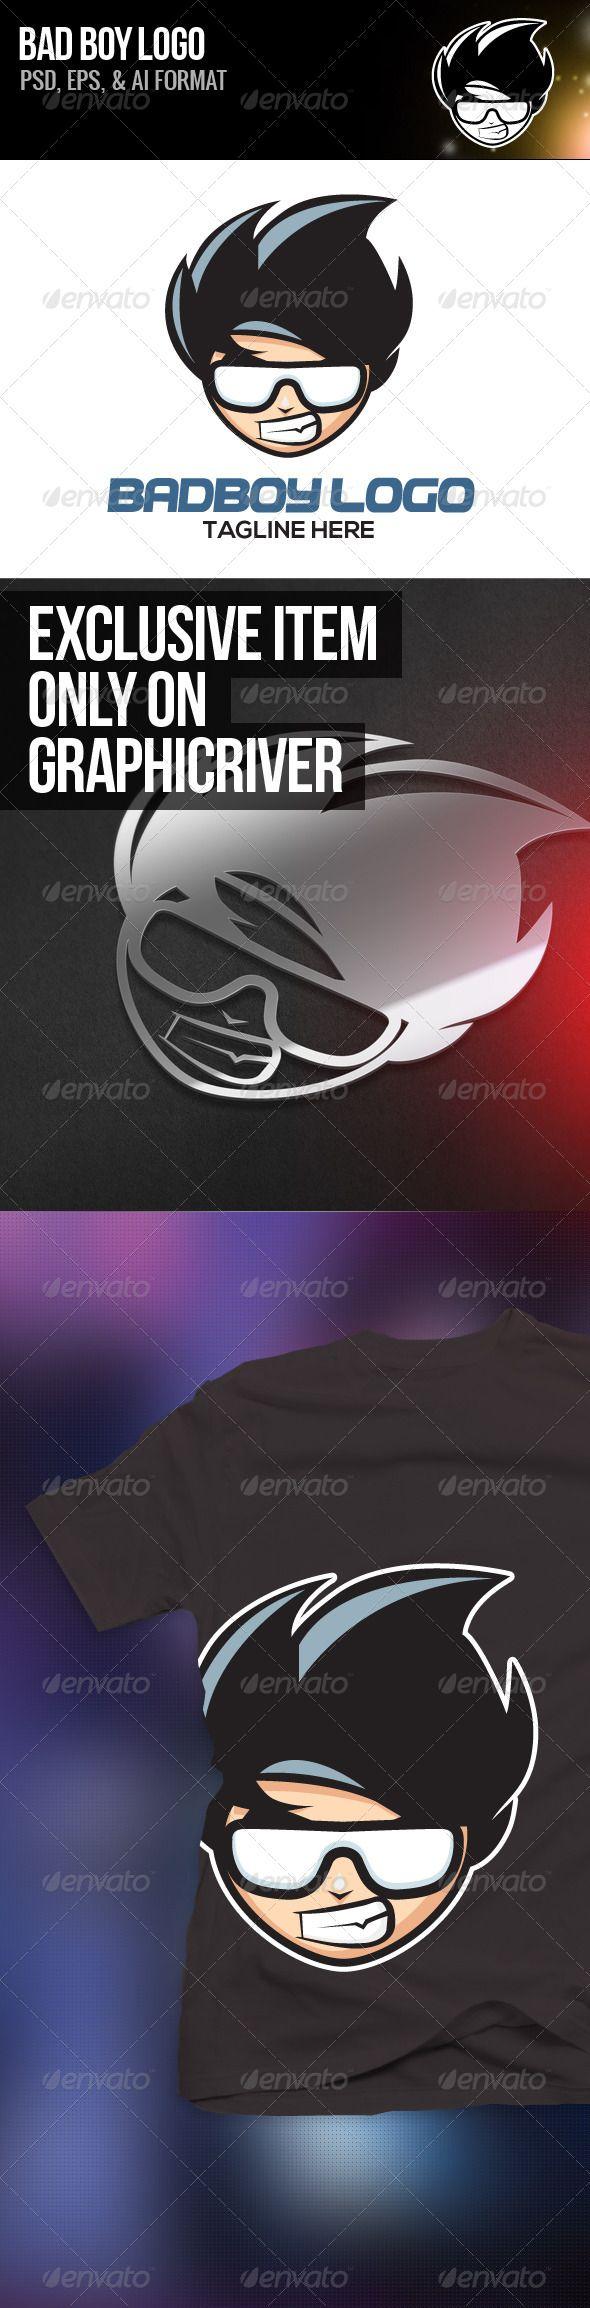 Image result for idol master logo | Anime/Game Logo\'s | Pinterest ...